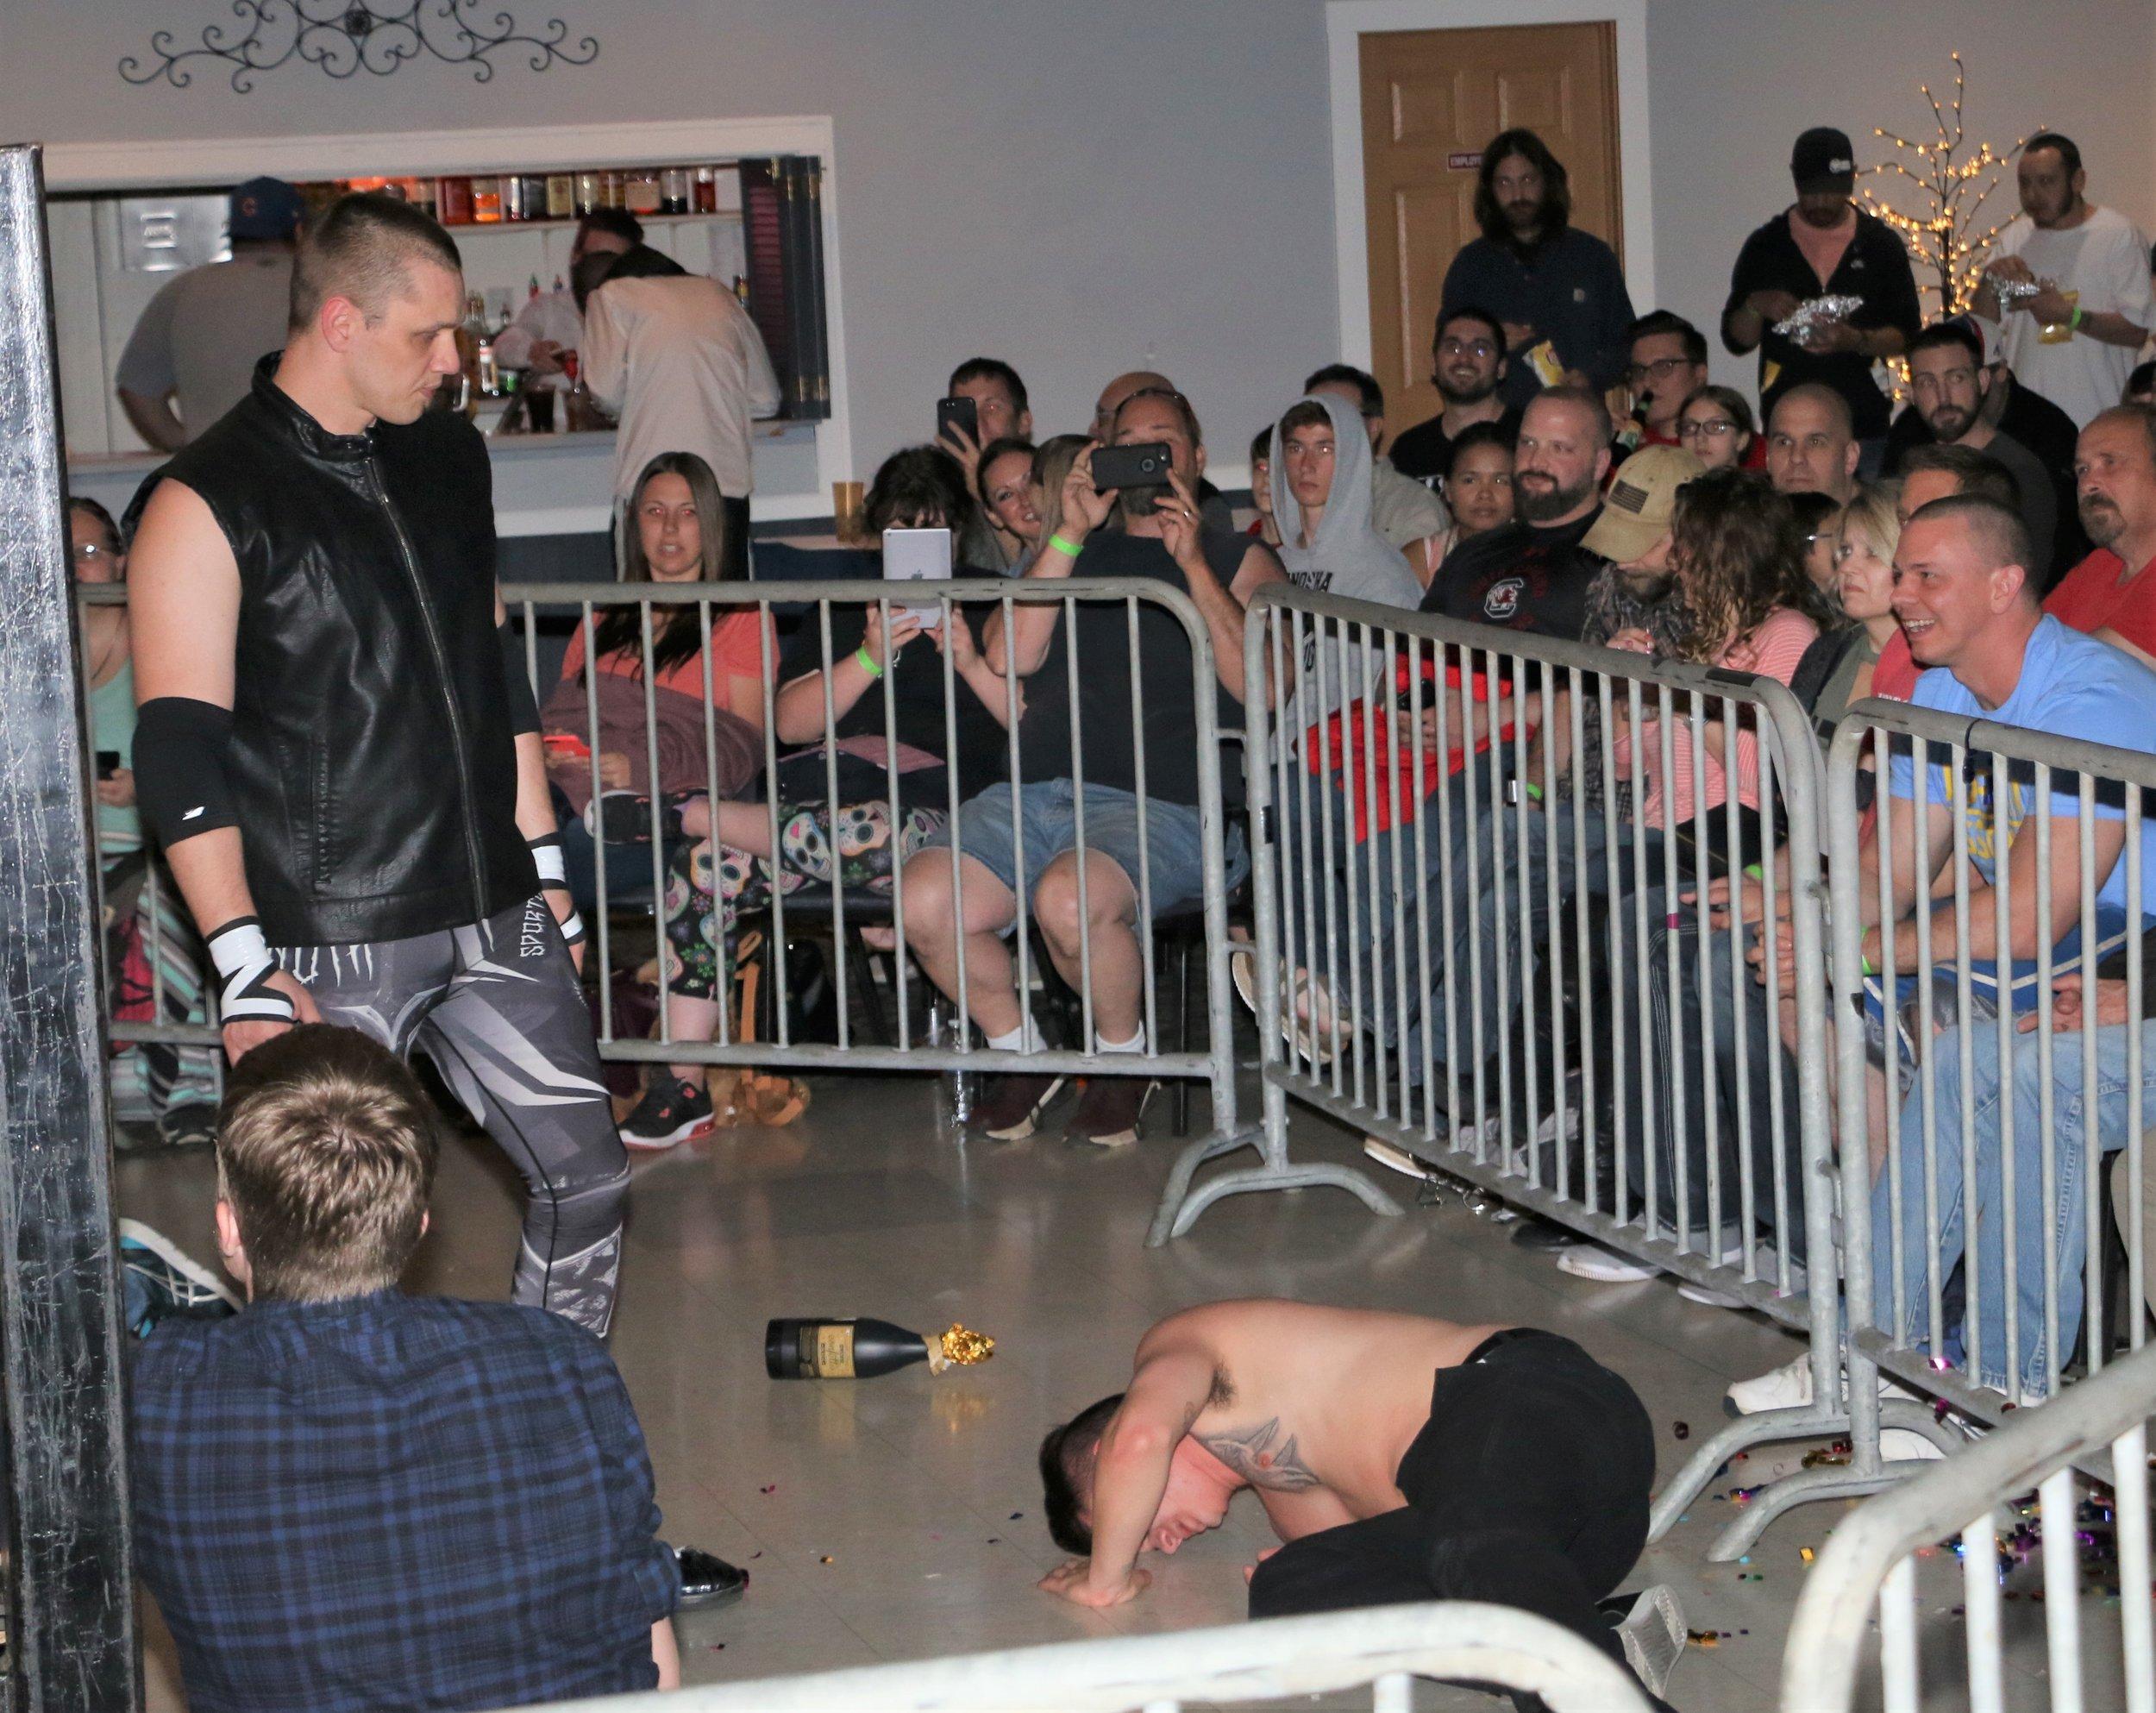 John Fate, left, looks over Junior Jangles on the floor outside the ring.